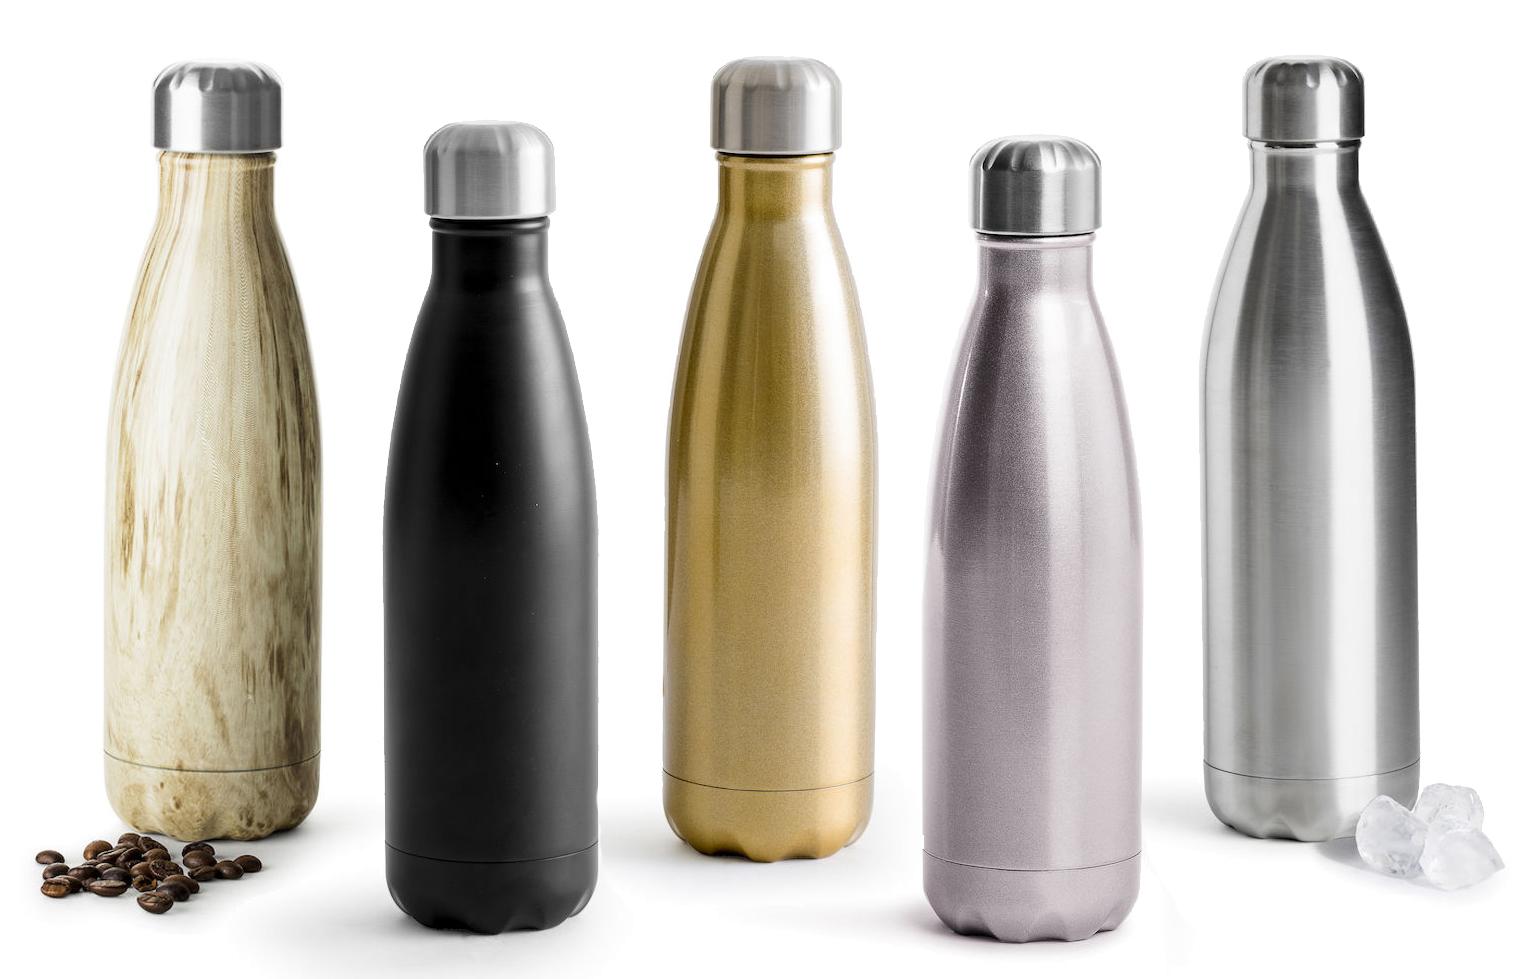 Stålflaske - Flasken holder drikken iskald opp til 24 timer eller varm i opp til 12 timer. Fra Sagaform189,-